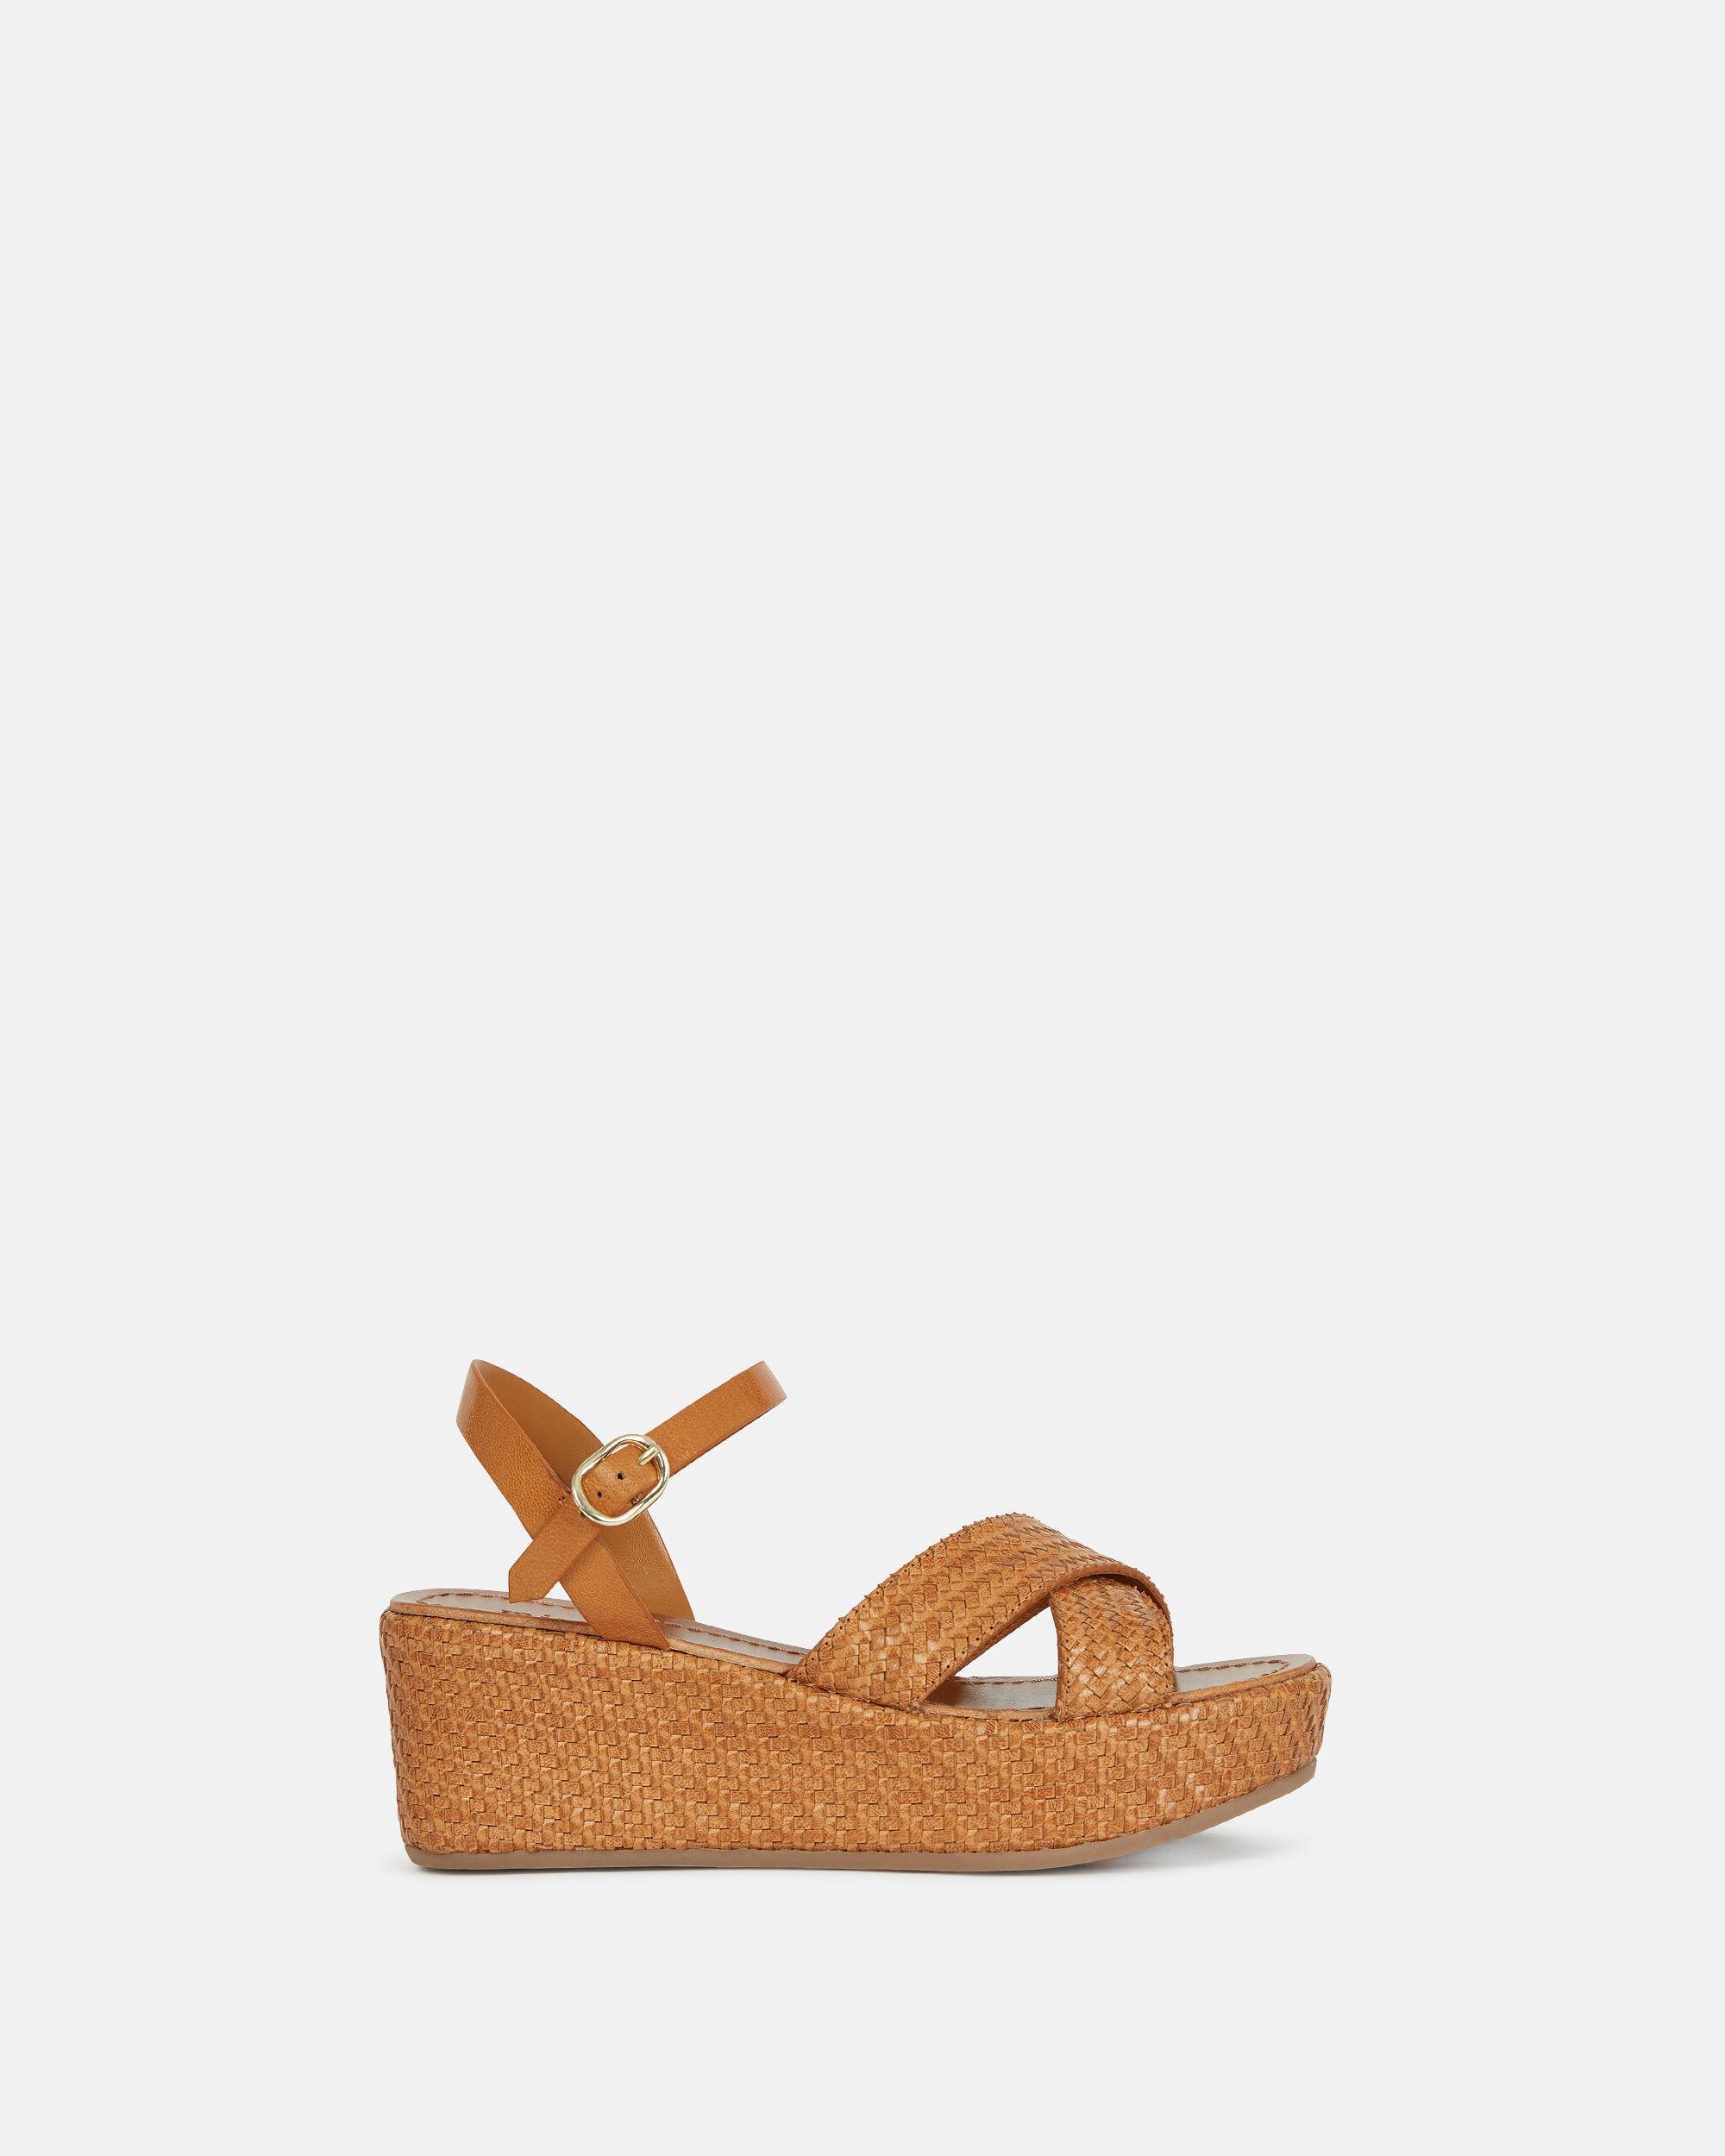 Chaussures compensées femme : espadrilles, sandales